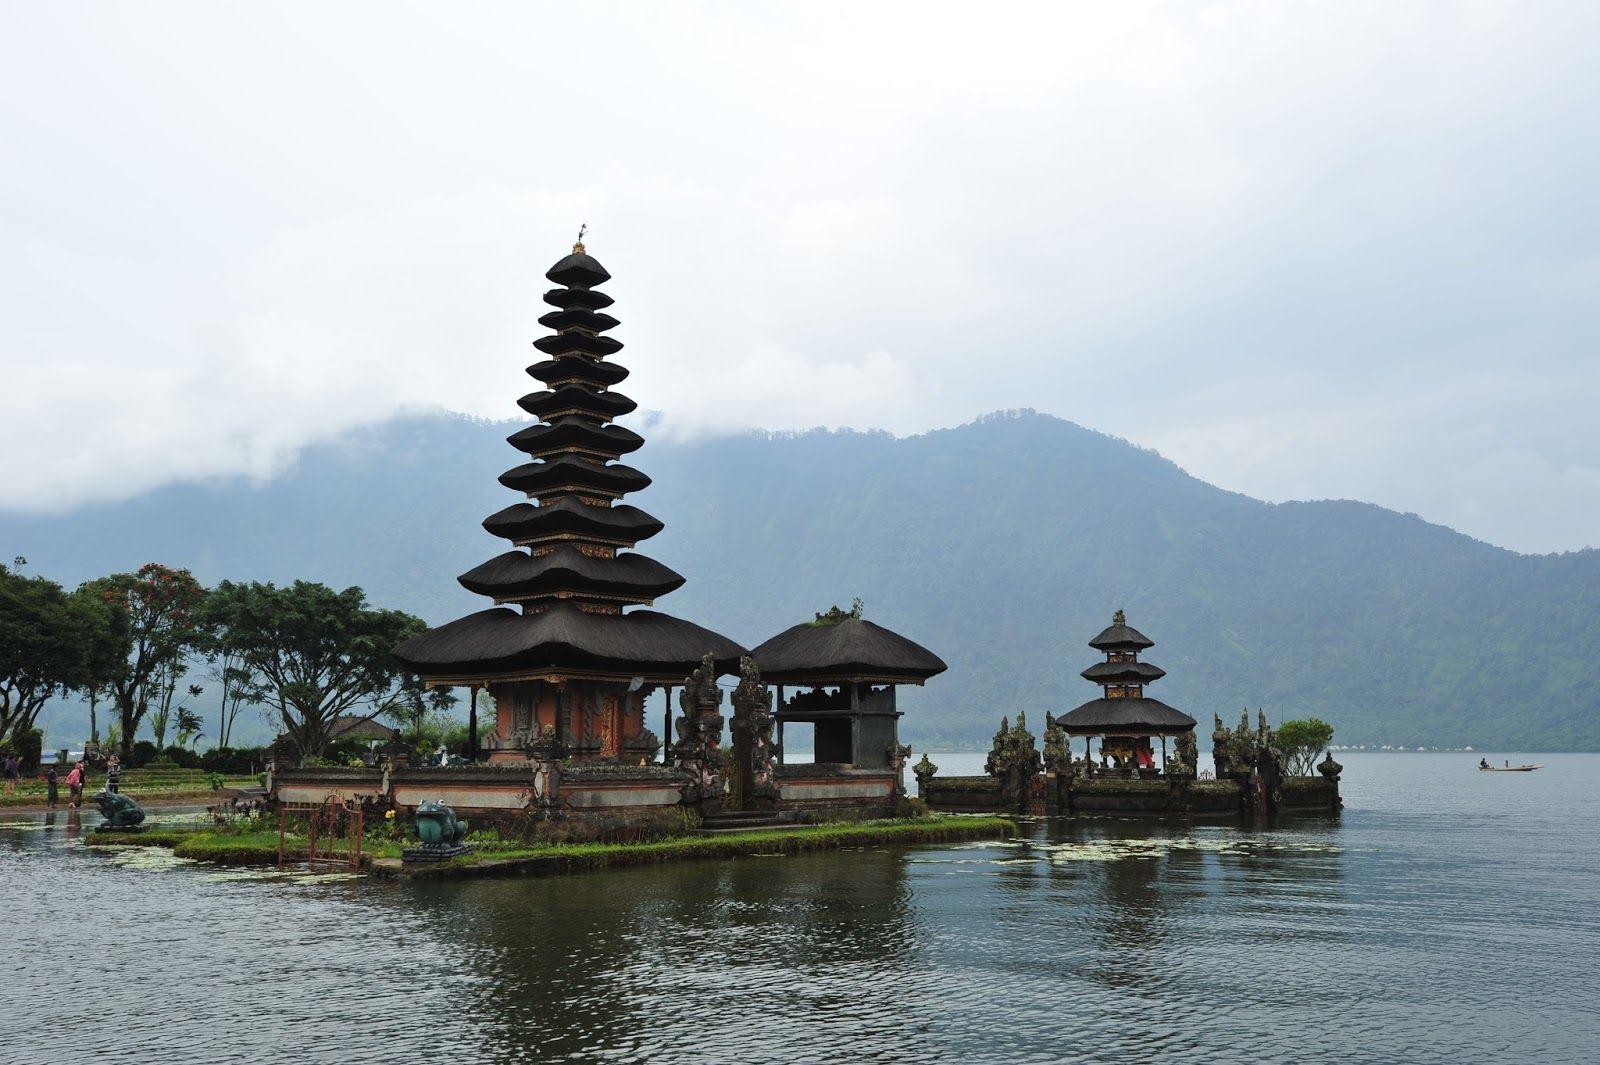 Pura Ulun Danu Bratan, Or The Shivaite Water Temple In Lake Bratan And The Gitgit Twin Waterfall In Bali, Indonesia